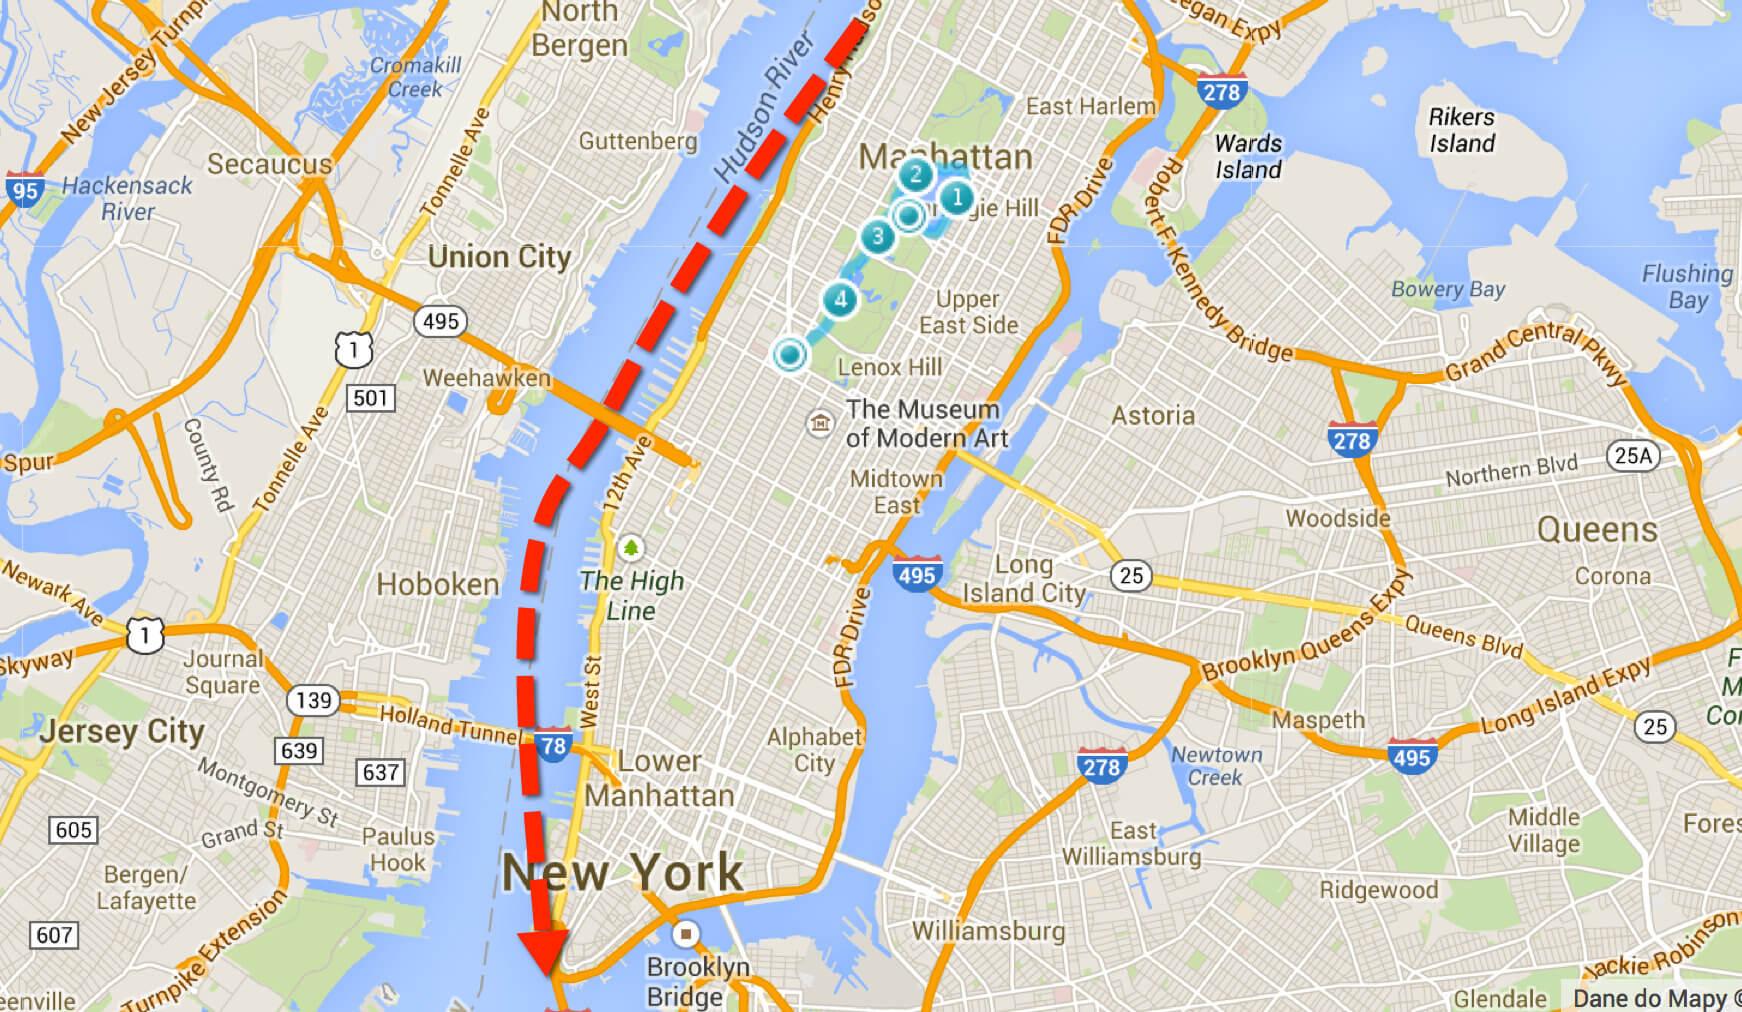 A tu na czerwono trasa dzisiejszego biegu. Początek na granicy Manhattanu z Harlemem. Koniec – czubek wyspy.